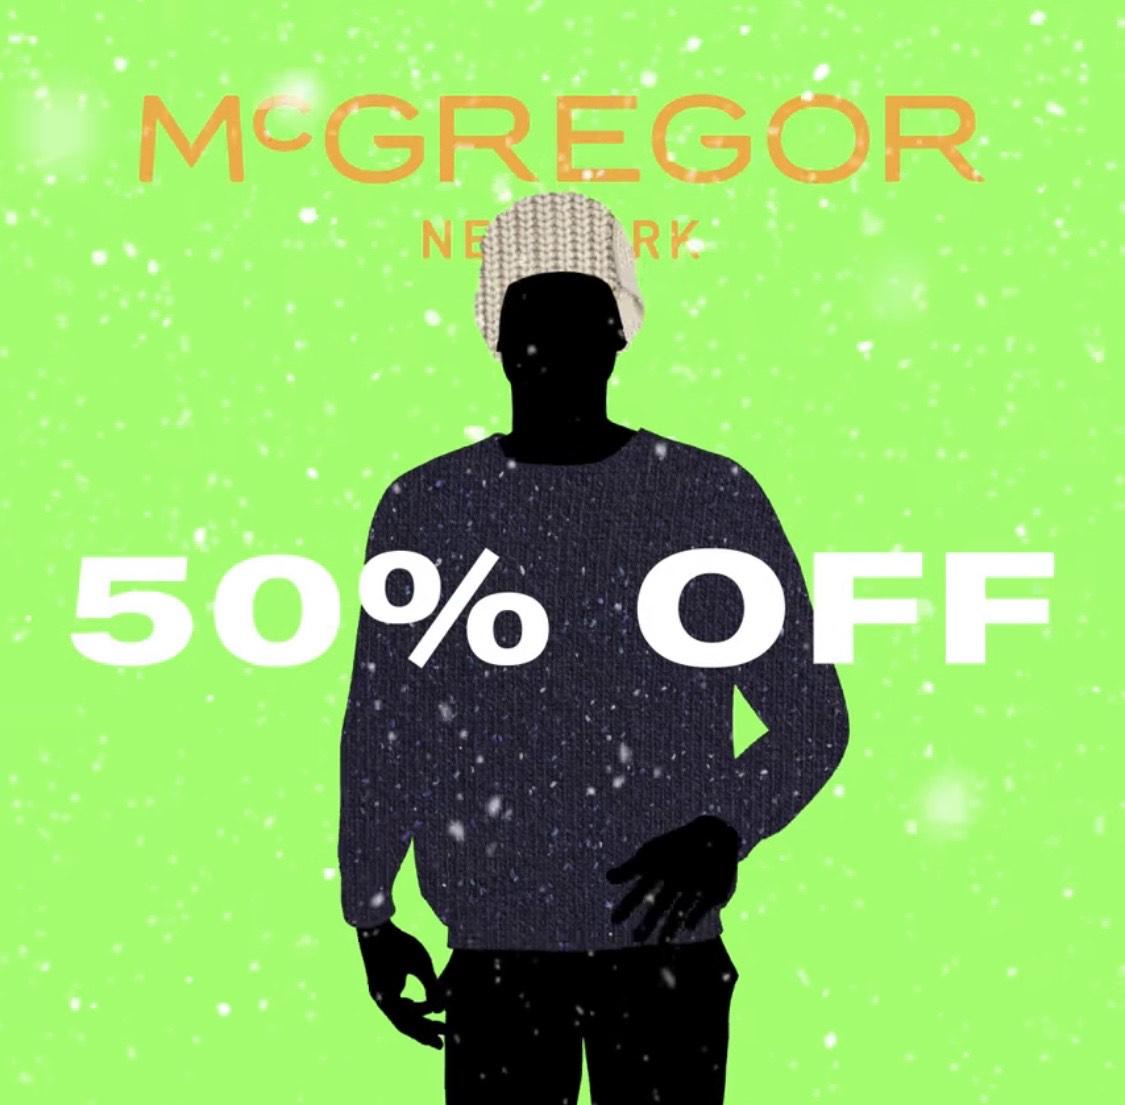 Uitverkoop 50% korting op de collectie van @mcgregor